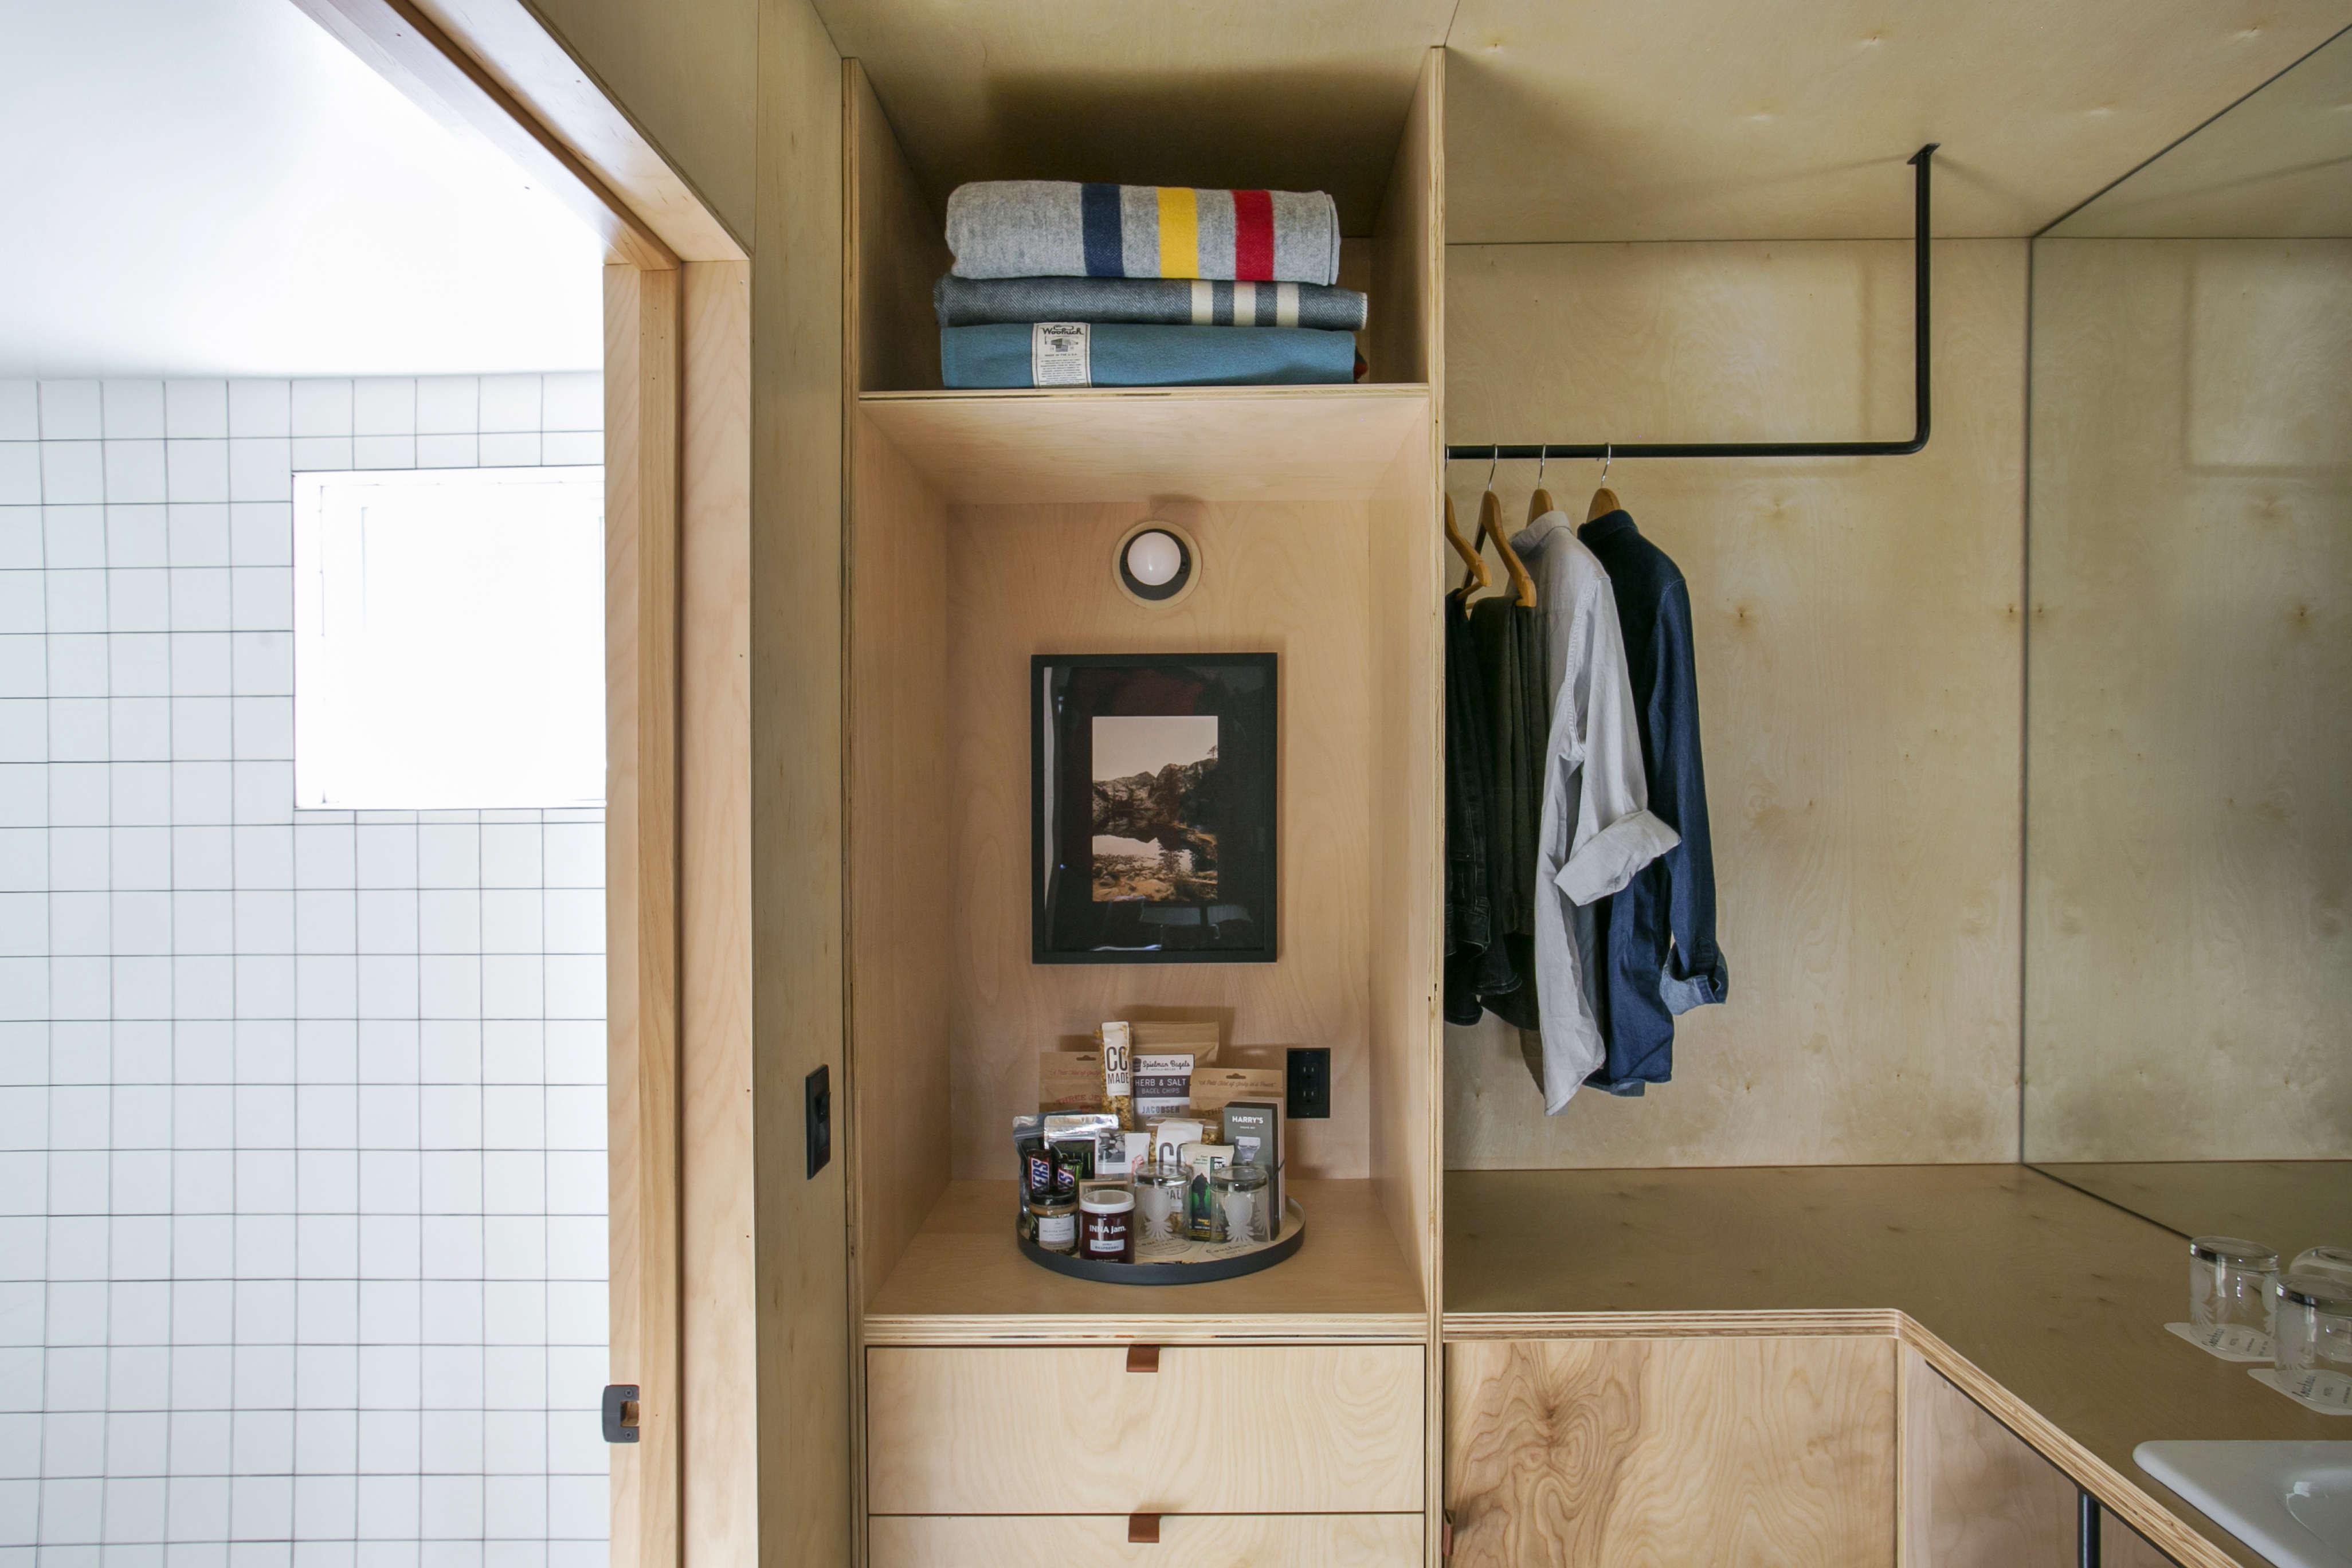 valet-bathroom-entryway-coachman-hotel-tahoe